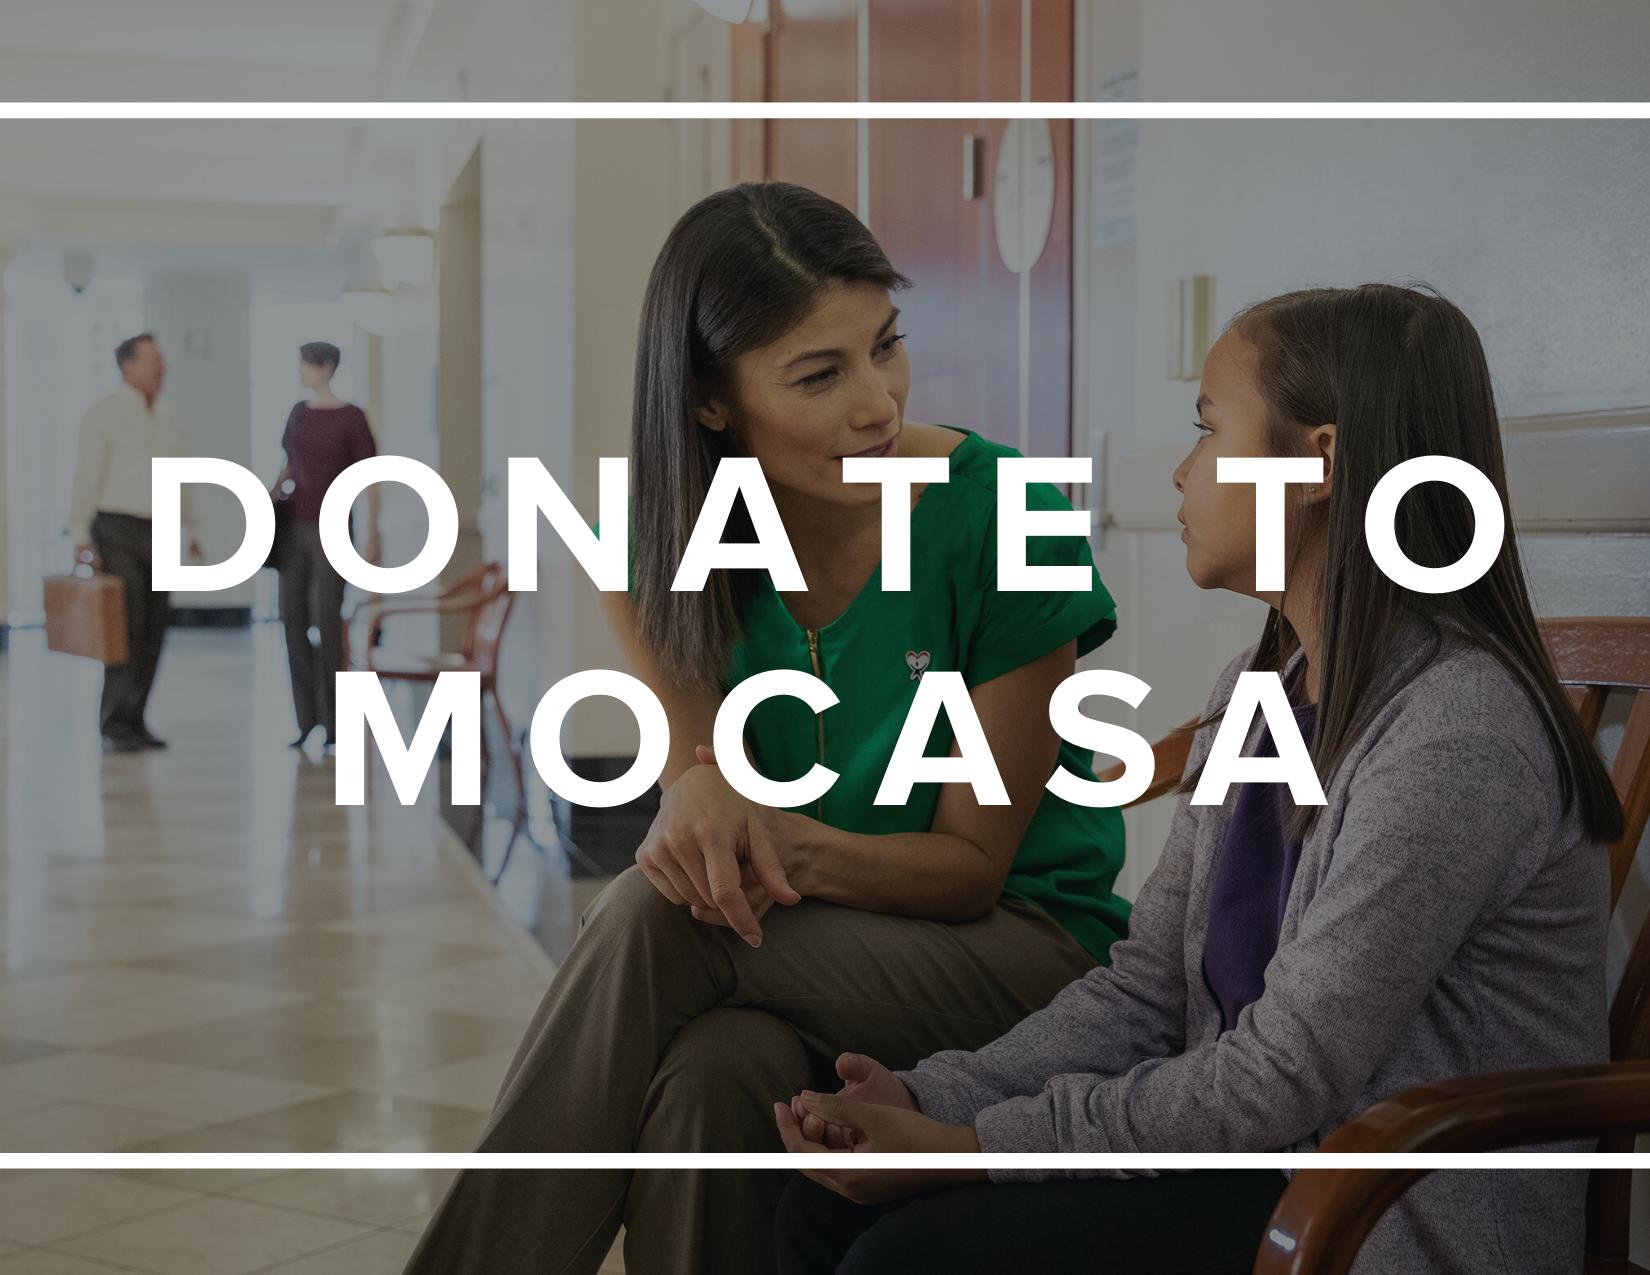 Donate to MOCASA